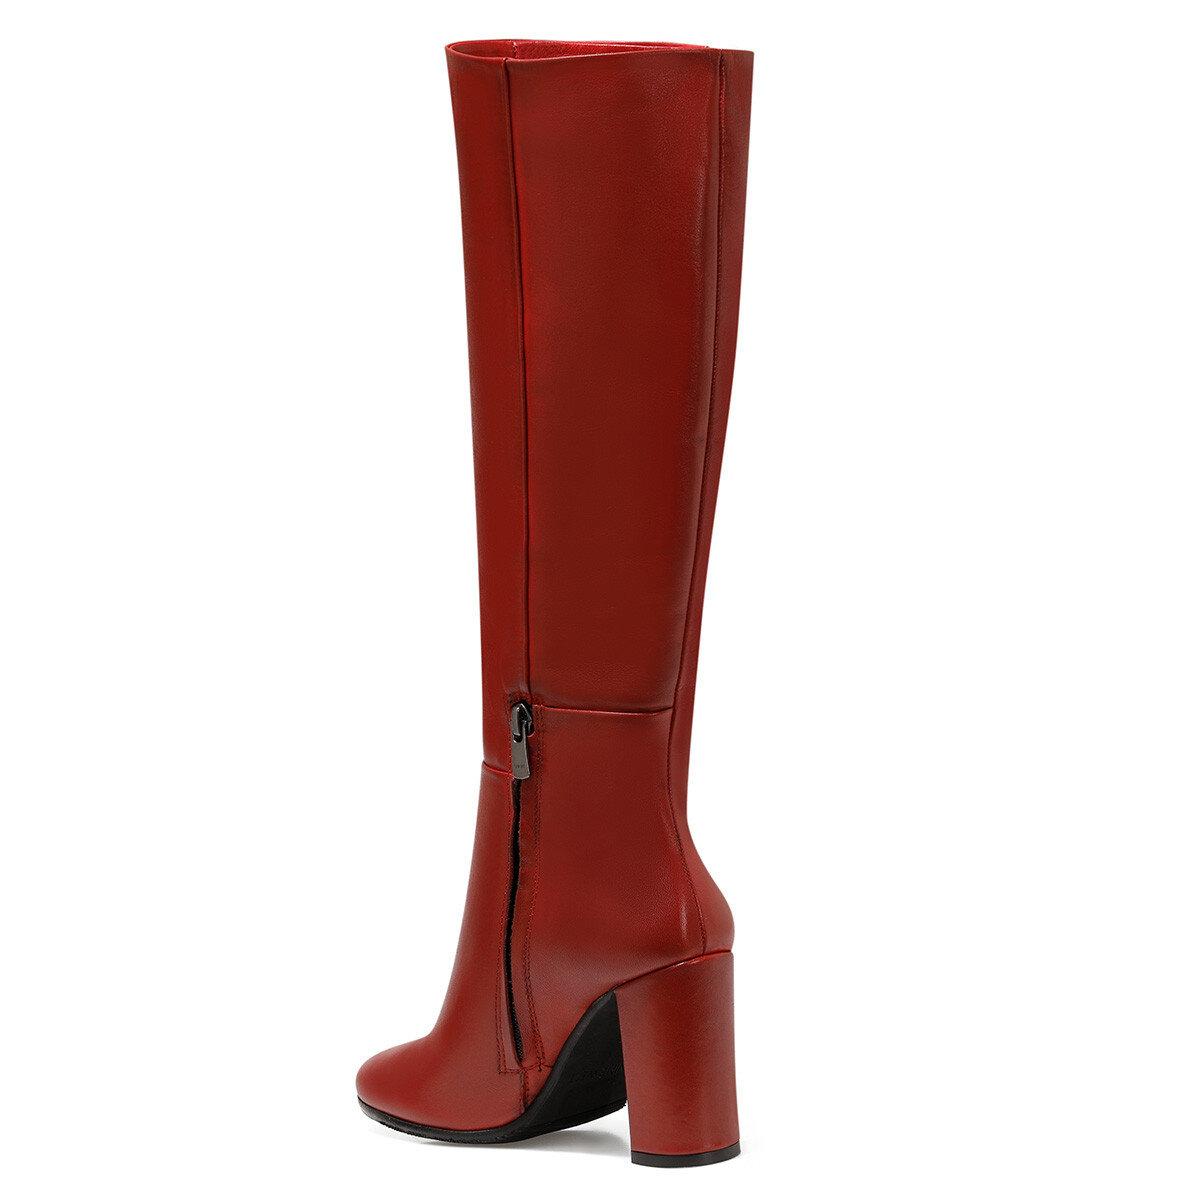 PRILLI Kırmızı Kadın Ökçeli Çizme